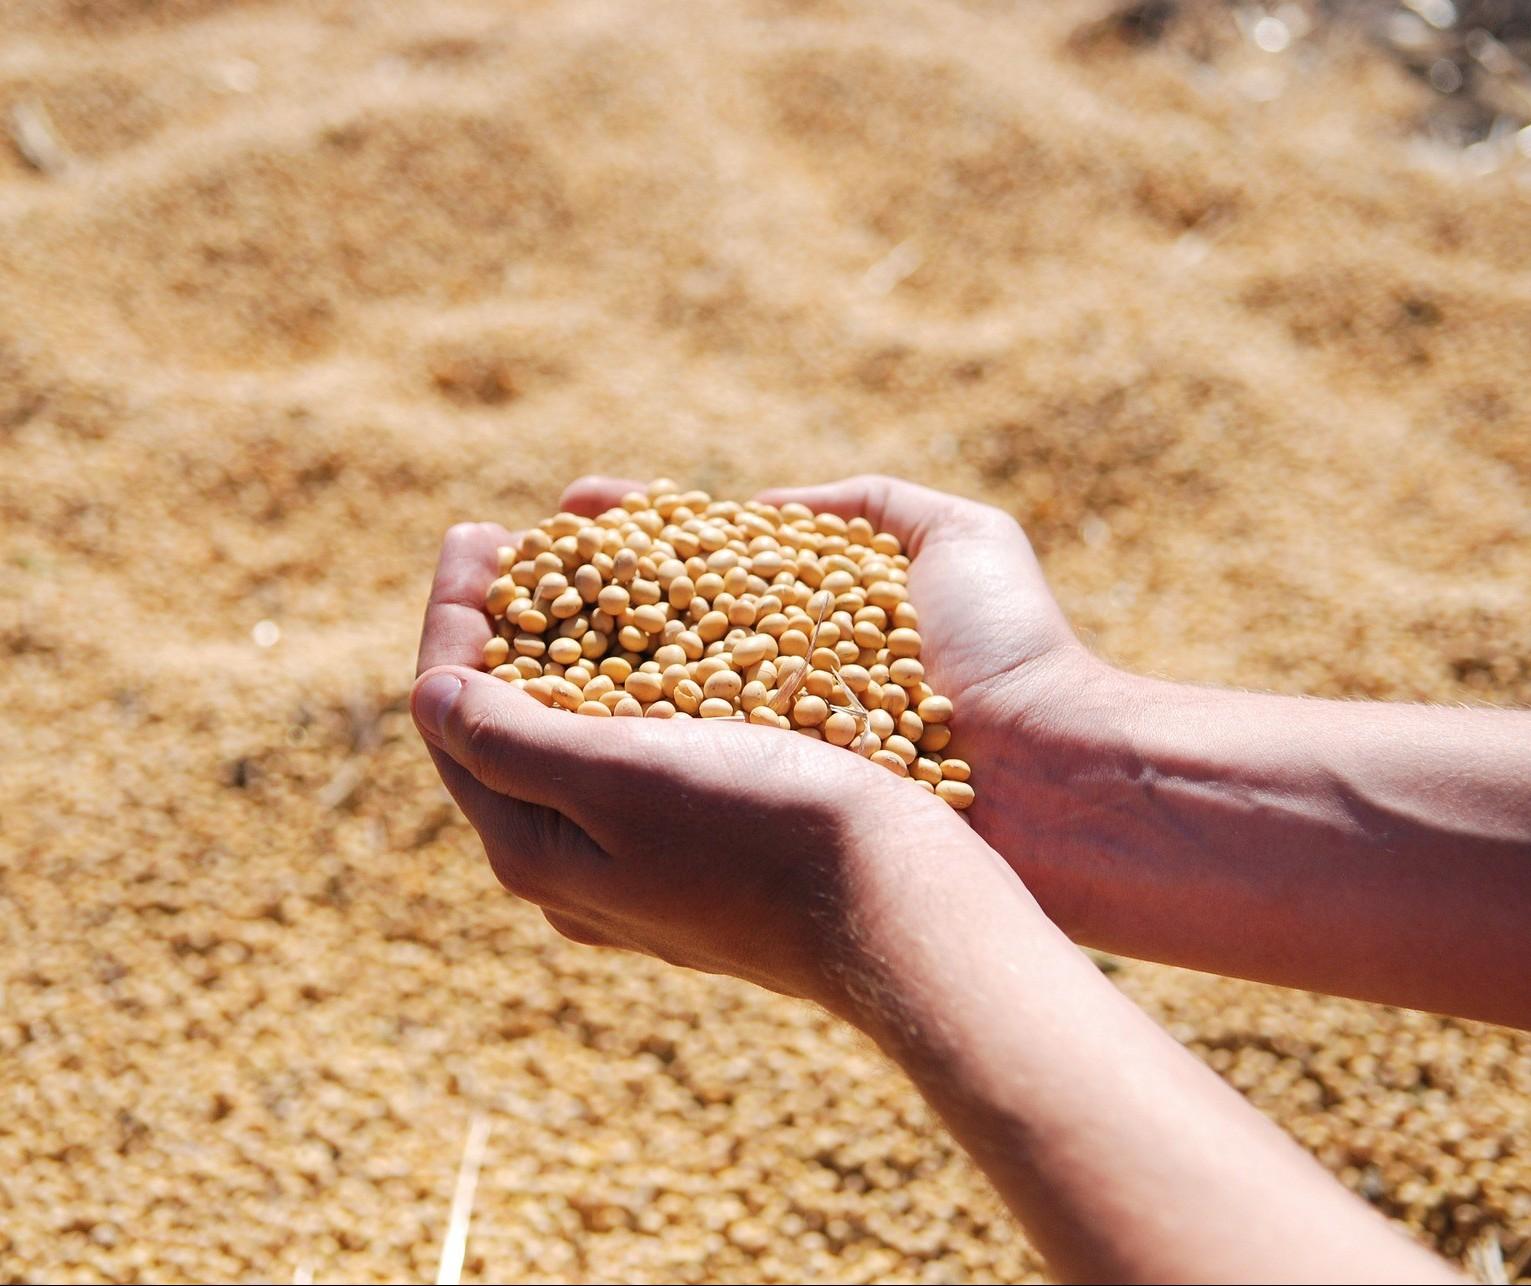 Portos do Arco Norte embarcaram 34% da soja e 31% do milho entre janeiro e agosto